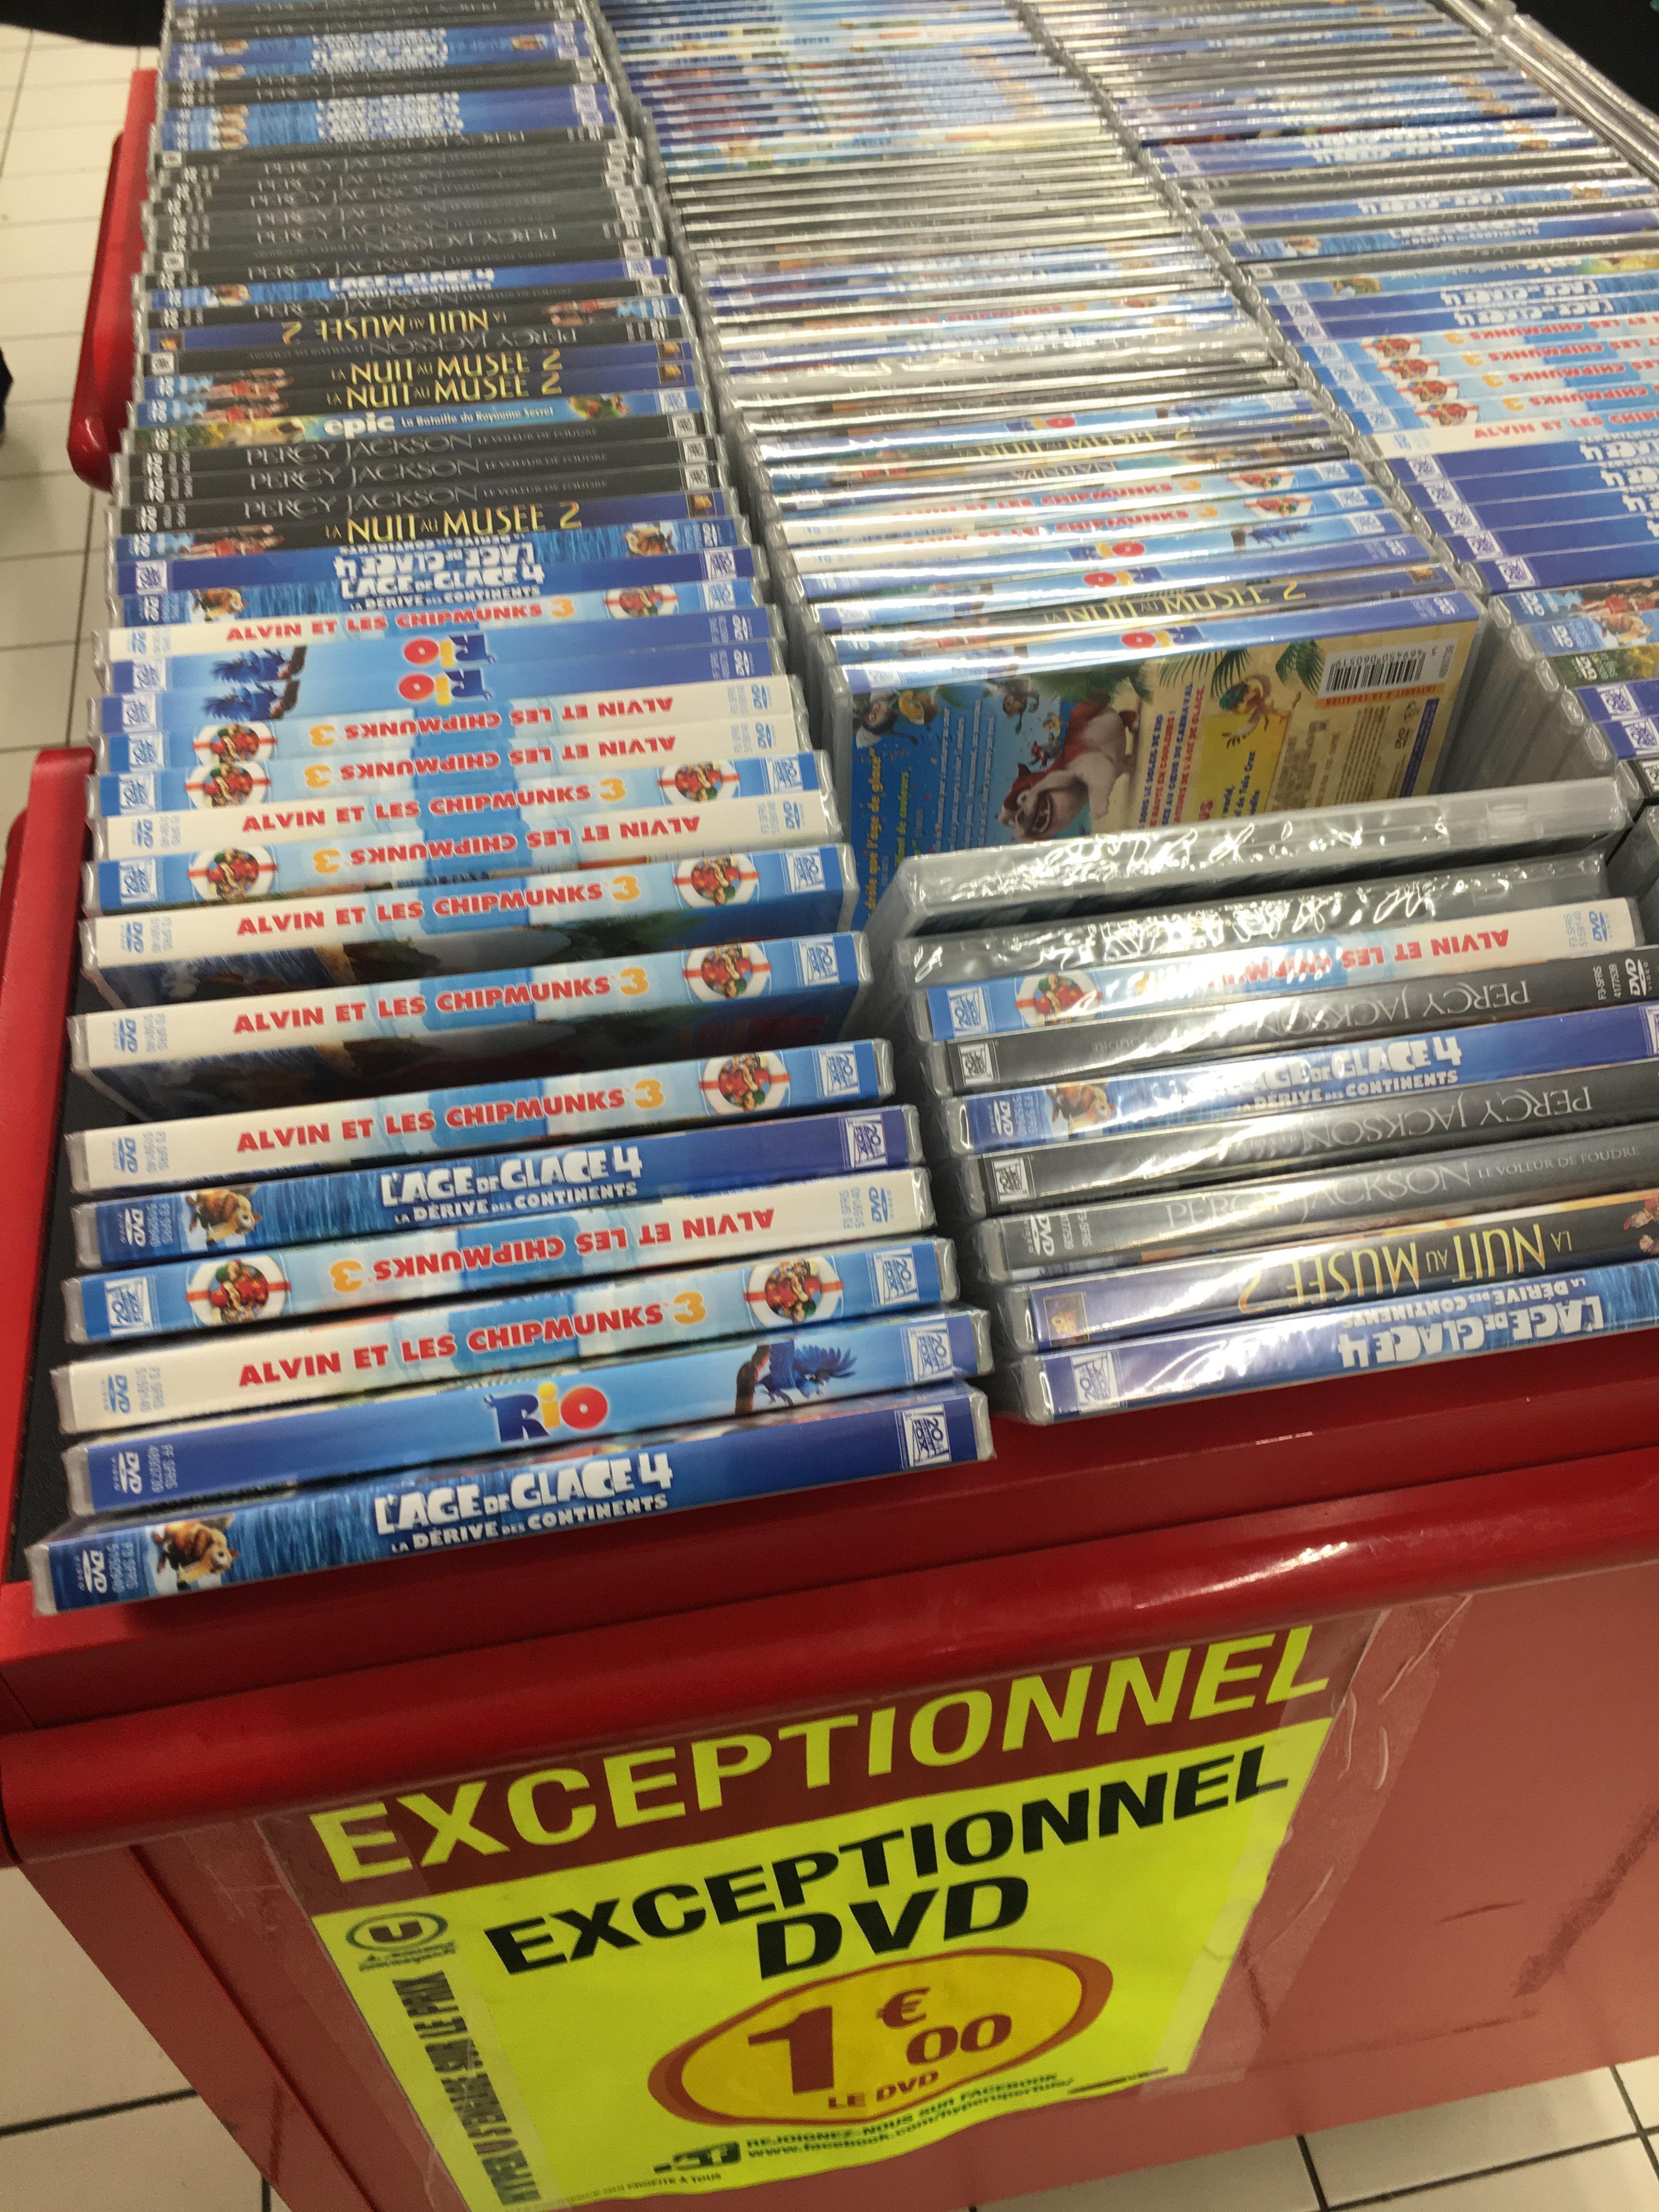 Sélection de DVD (Rio, l'Age de Glace 4, Alvin et les Chimpmunks...)